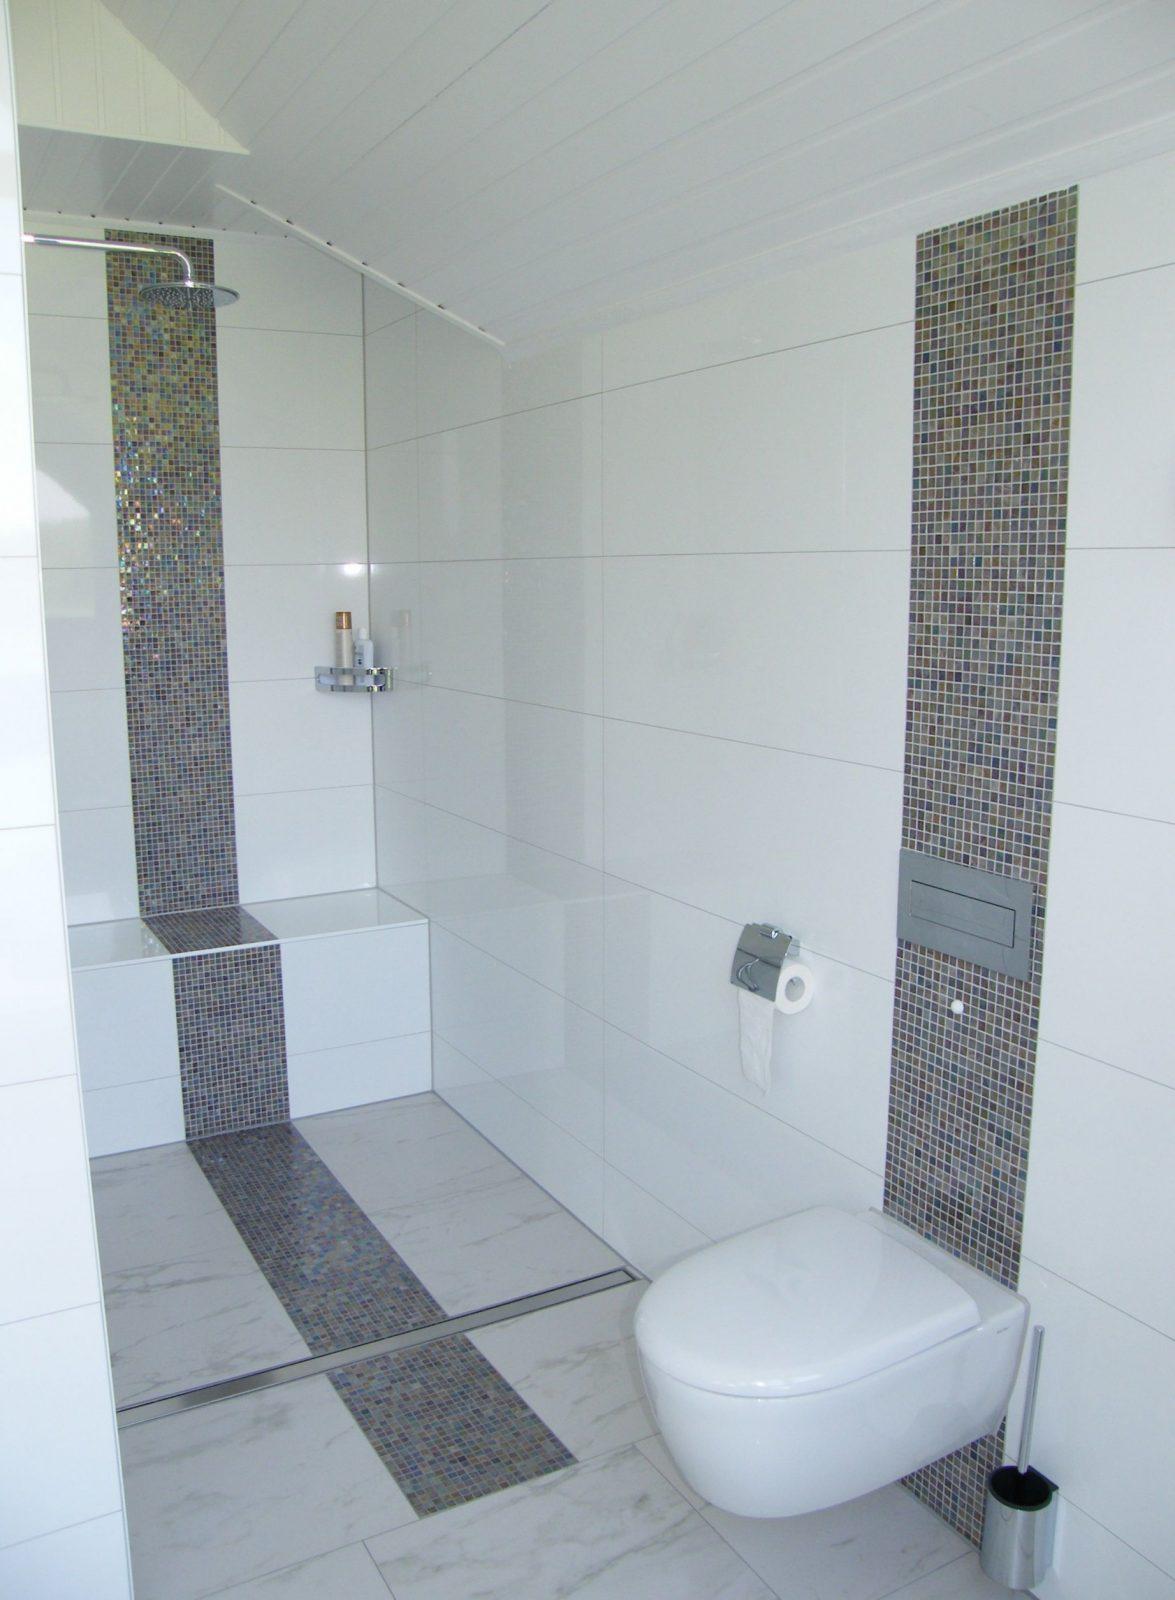 Ebenerdige Dusche Im Familienbad  Fürdőszoba  Badezimmer Bad Und von Mosaik Fliesen Dusche Boden Photo